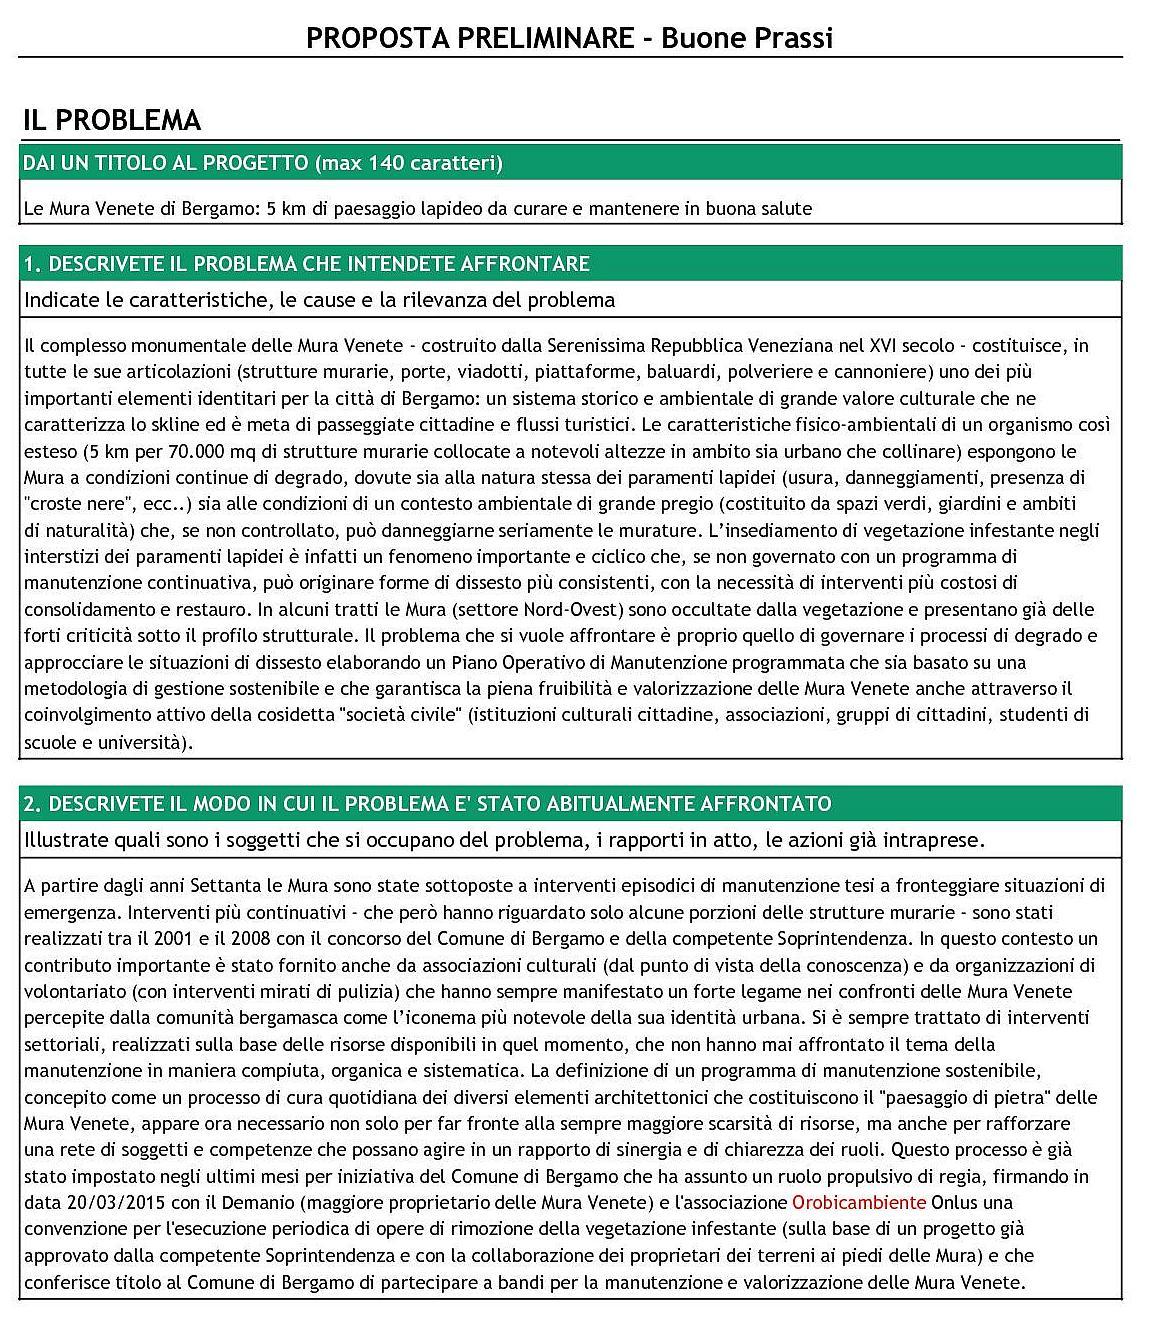 Bando Fondazione Cariplo